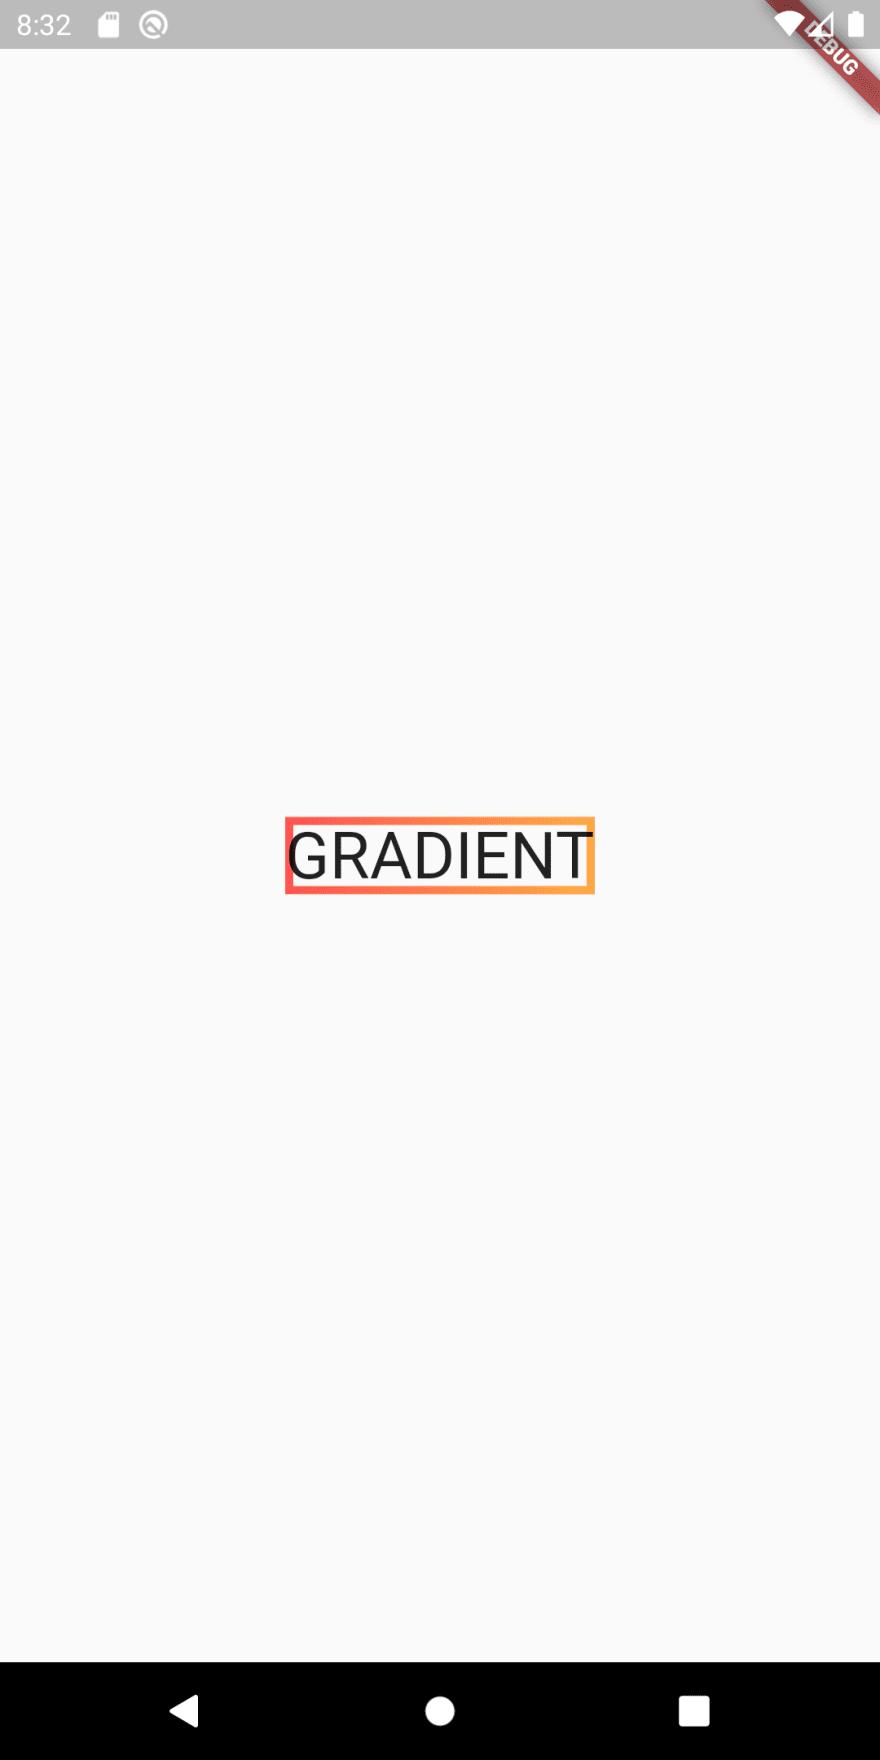 Gradient border around text in Flutter